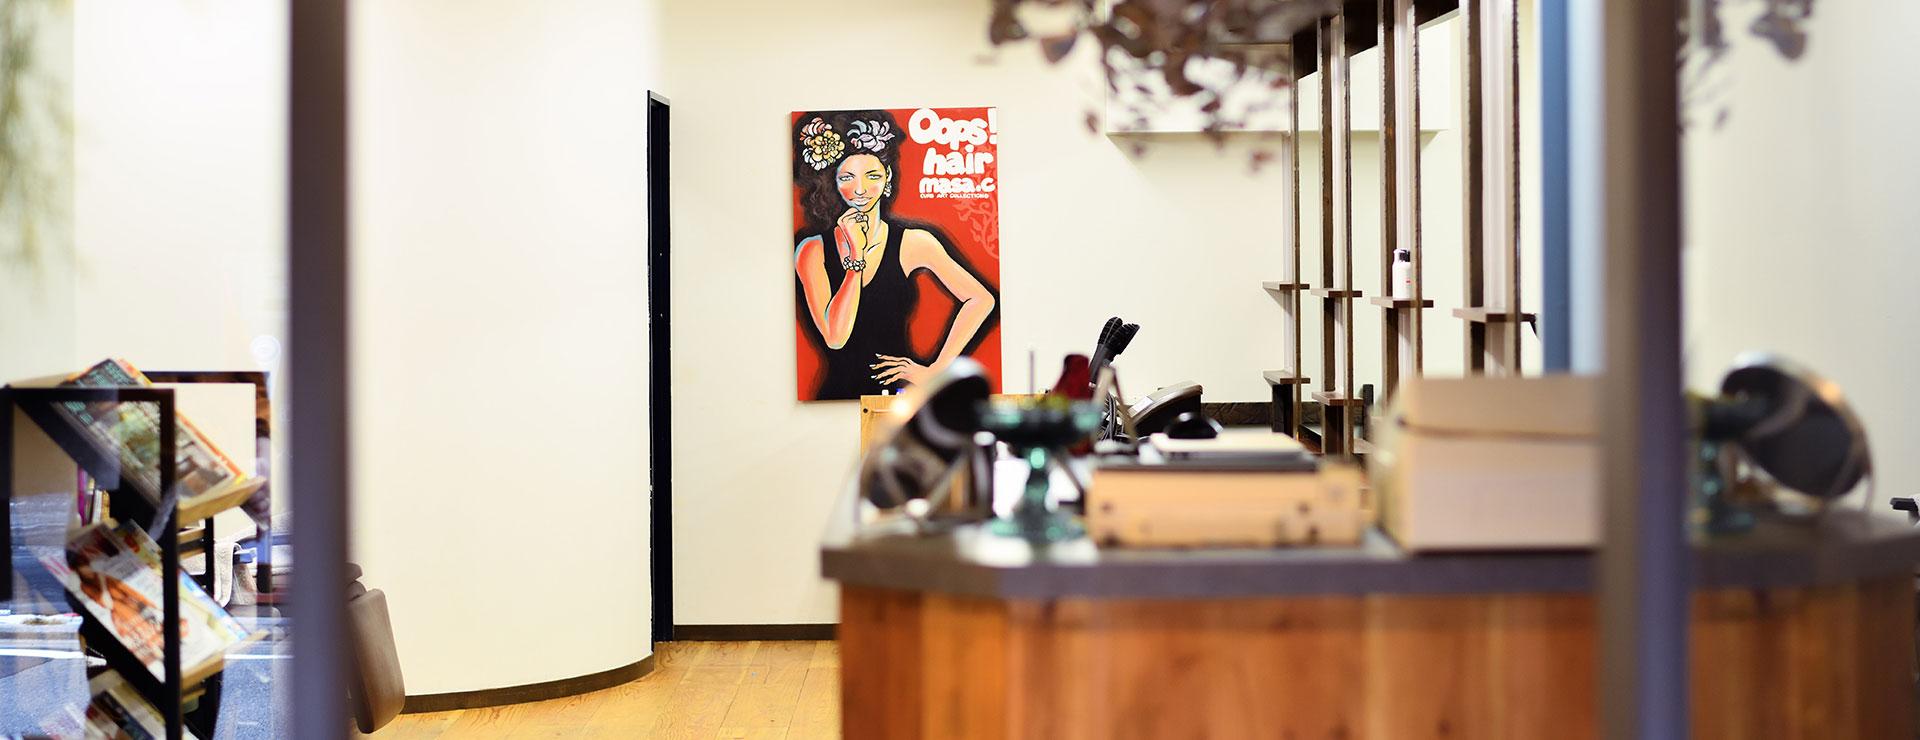 京都市中京区の四条烏丸にある美容室ウップスヘアー(リトルサイエンティスト認定サロン)